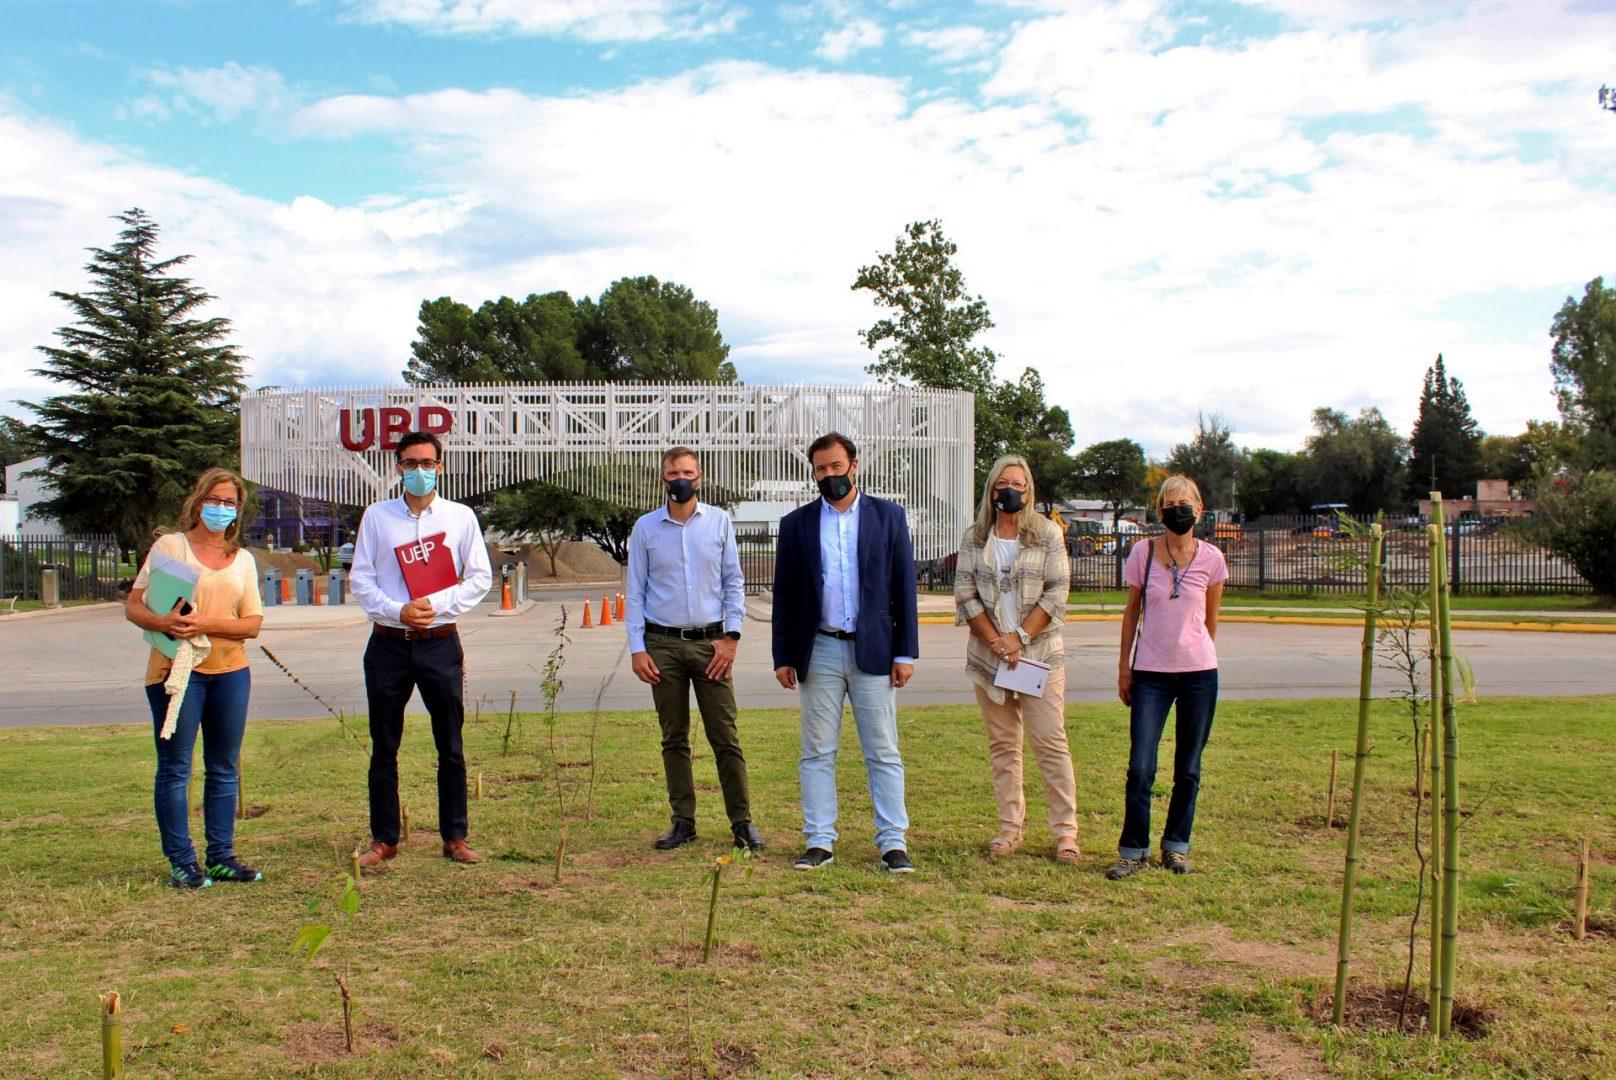 La UBP apadrina espacios verdes cercanos al Campus